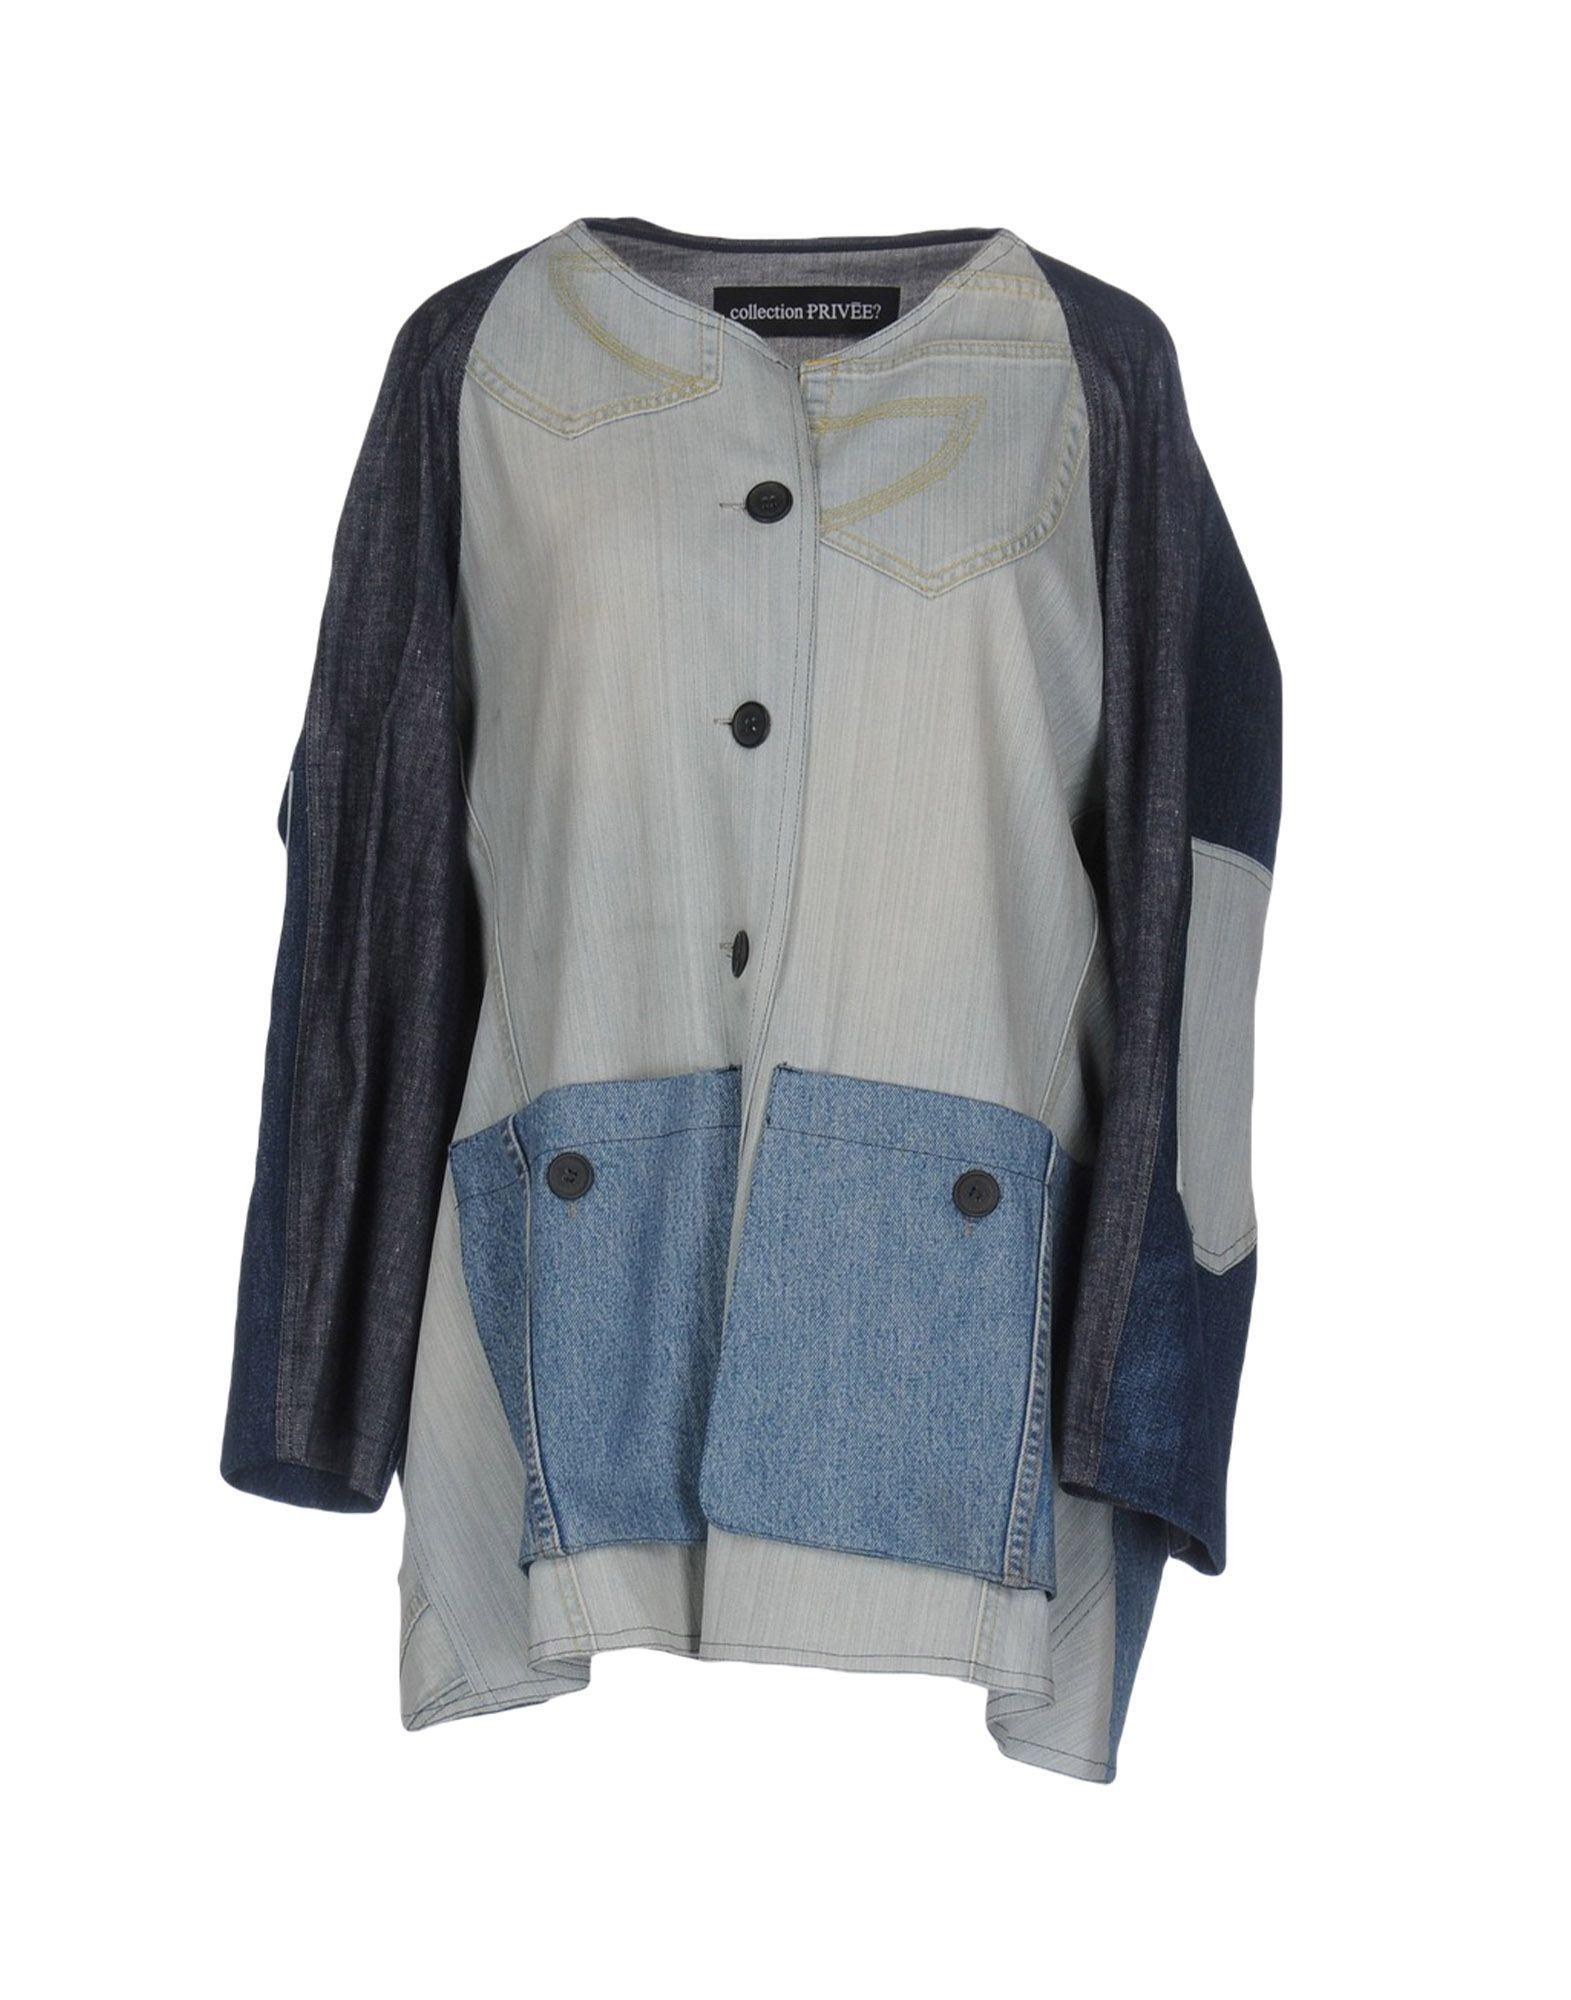 ФОТО collection privēe? джинсовая верхняя одежда